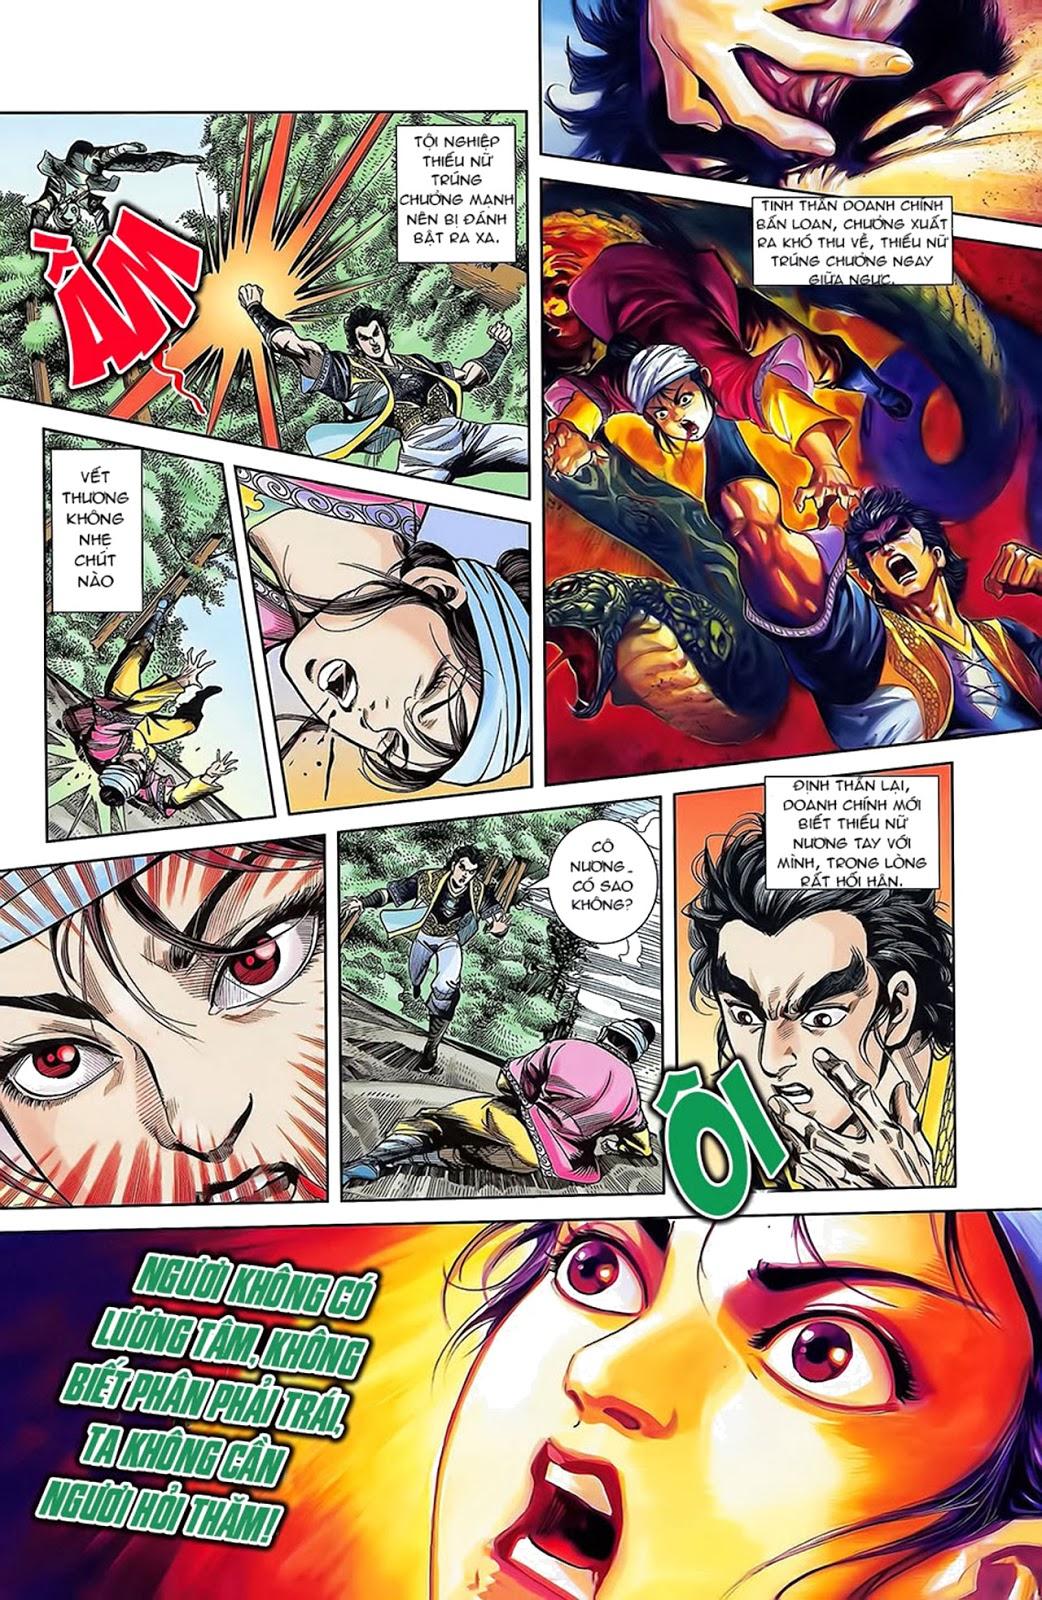 Tần Vương Doanh Chính chapter 15 trang 17